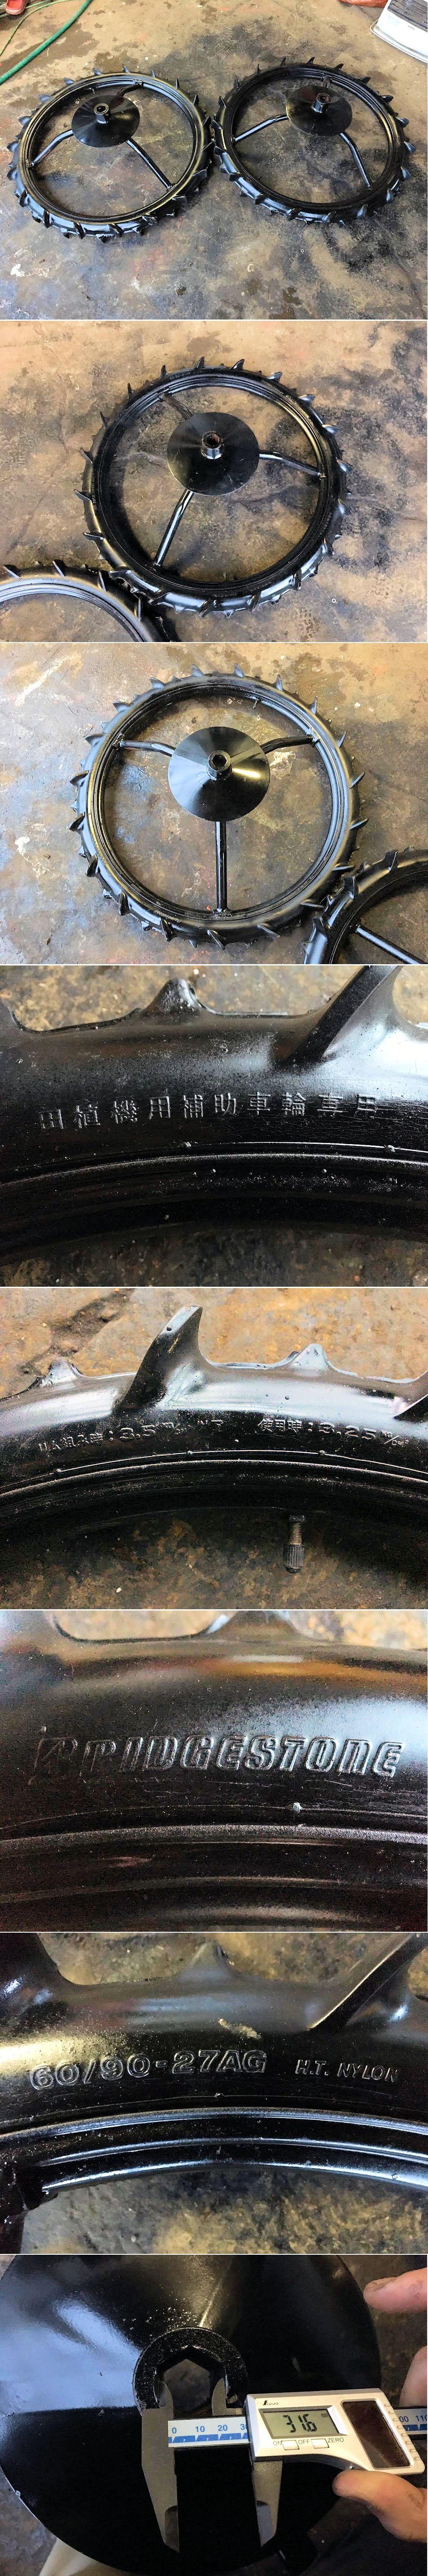 田植機用補助車輪 クボタ ブリヂストン 60/90-27AG 2本セット 中古 美品